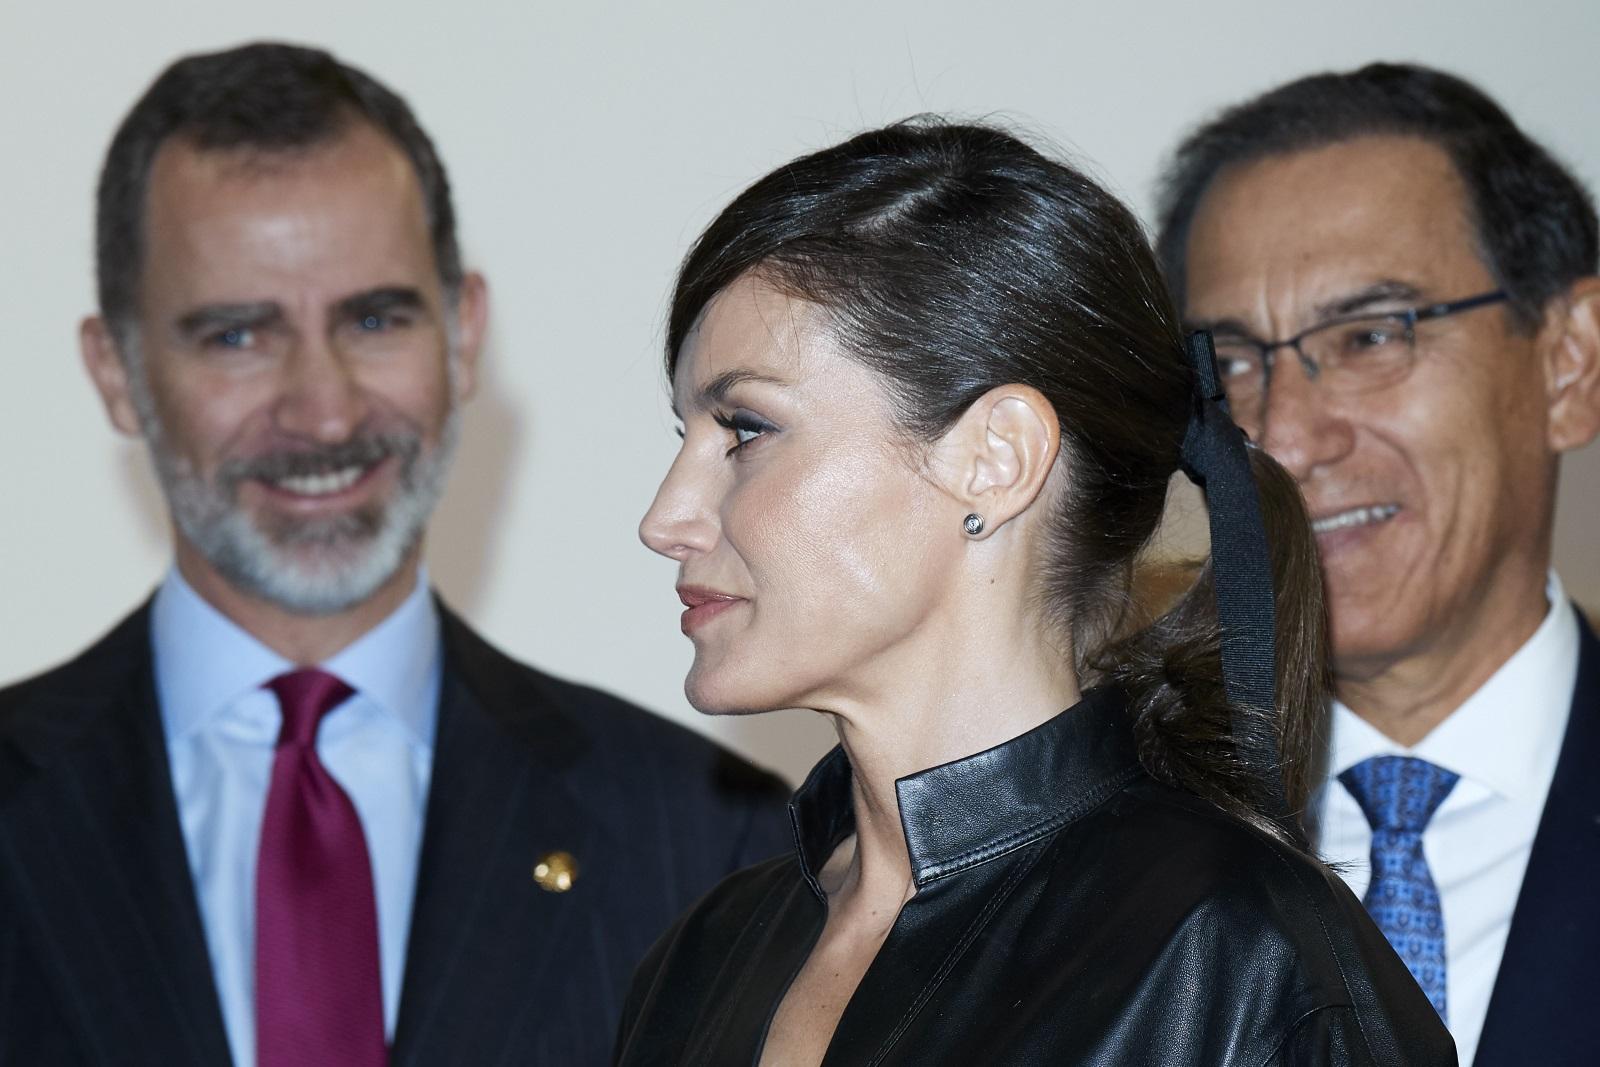 Съпругата на испанския кралФелипе VIсе появи на панаир на съвременното изкуствов Мадрид с черна кожена рокля. Дрехата е на шведска модна марка. Визията на Летисия допълваха обувки на висок ток в телесен цвят и малка черна чантичка.